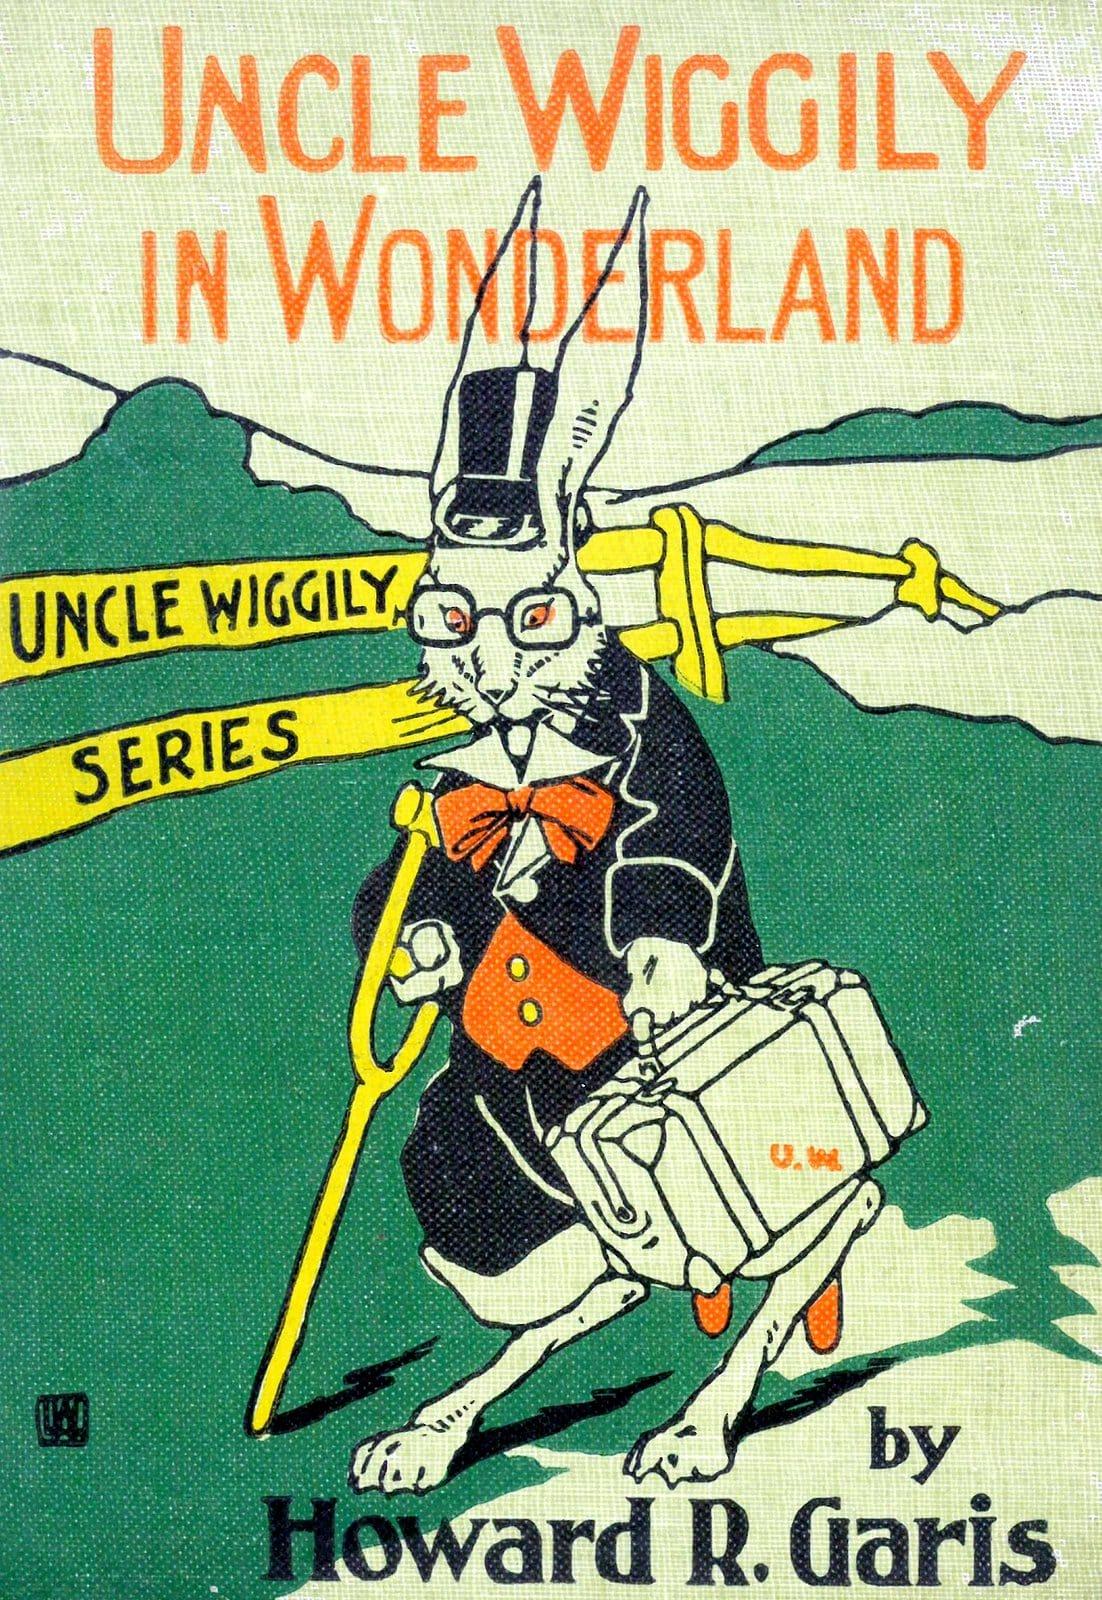 Antique book - Uncle Wiggily in Wonderland (1921)